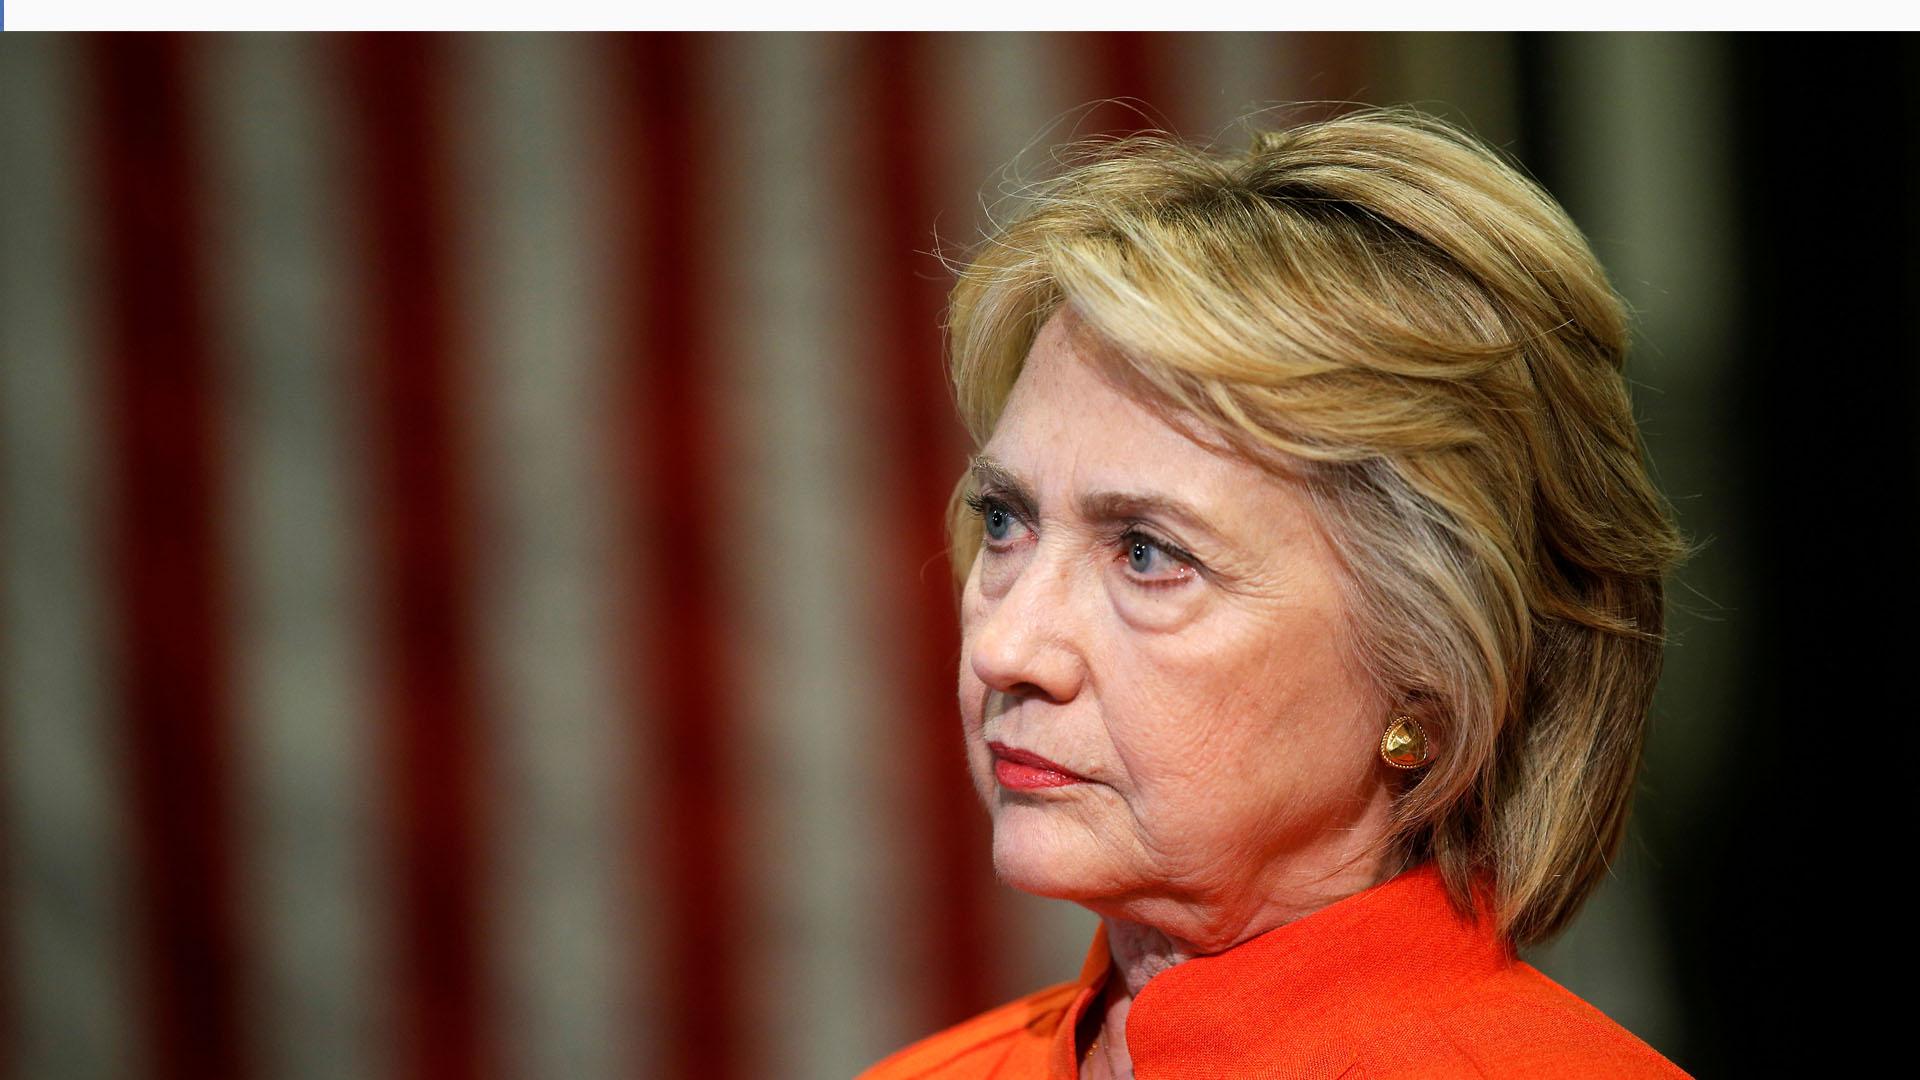 El departamento de Estado revisará aproximadamente 15 mil correos que la candidata envió mientras estaba en la secretaría